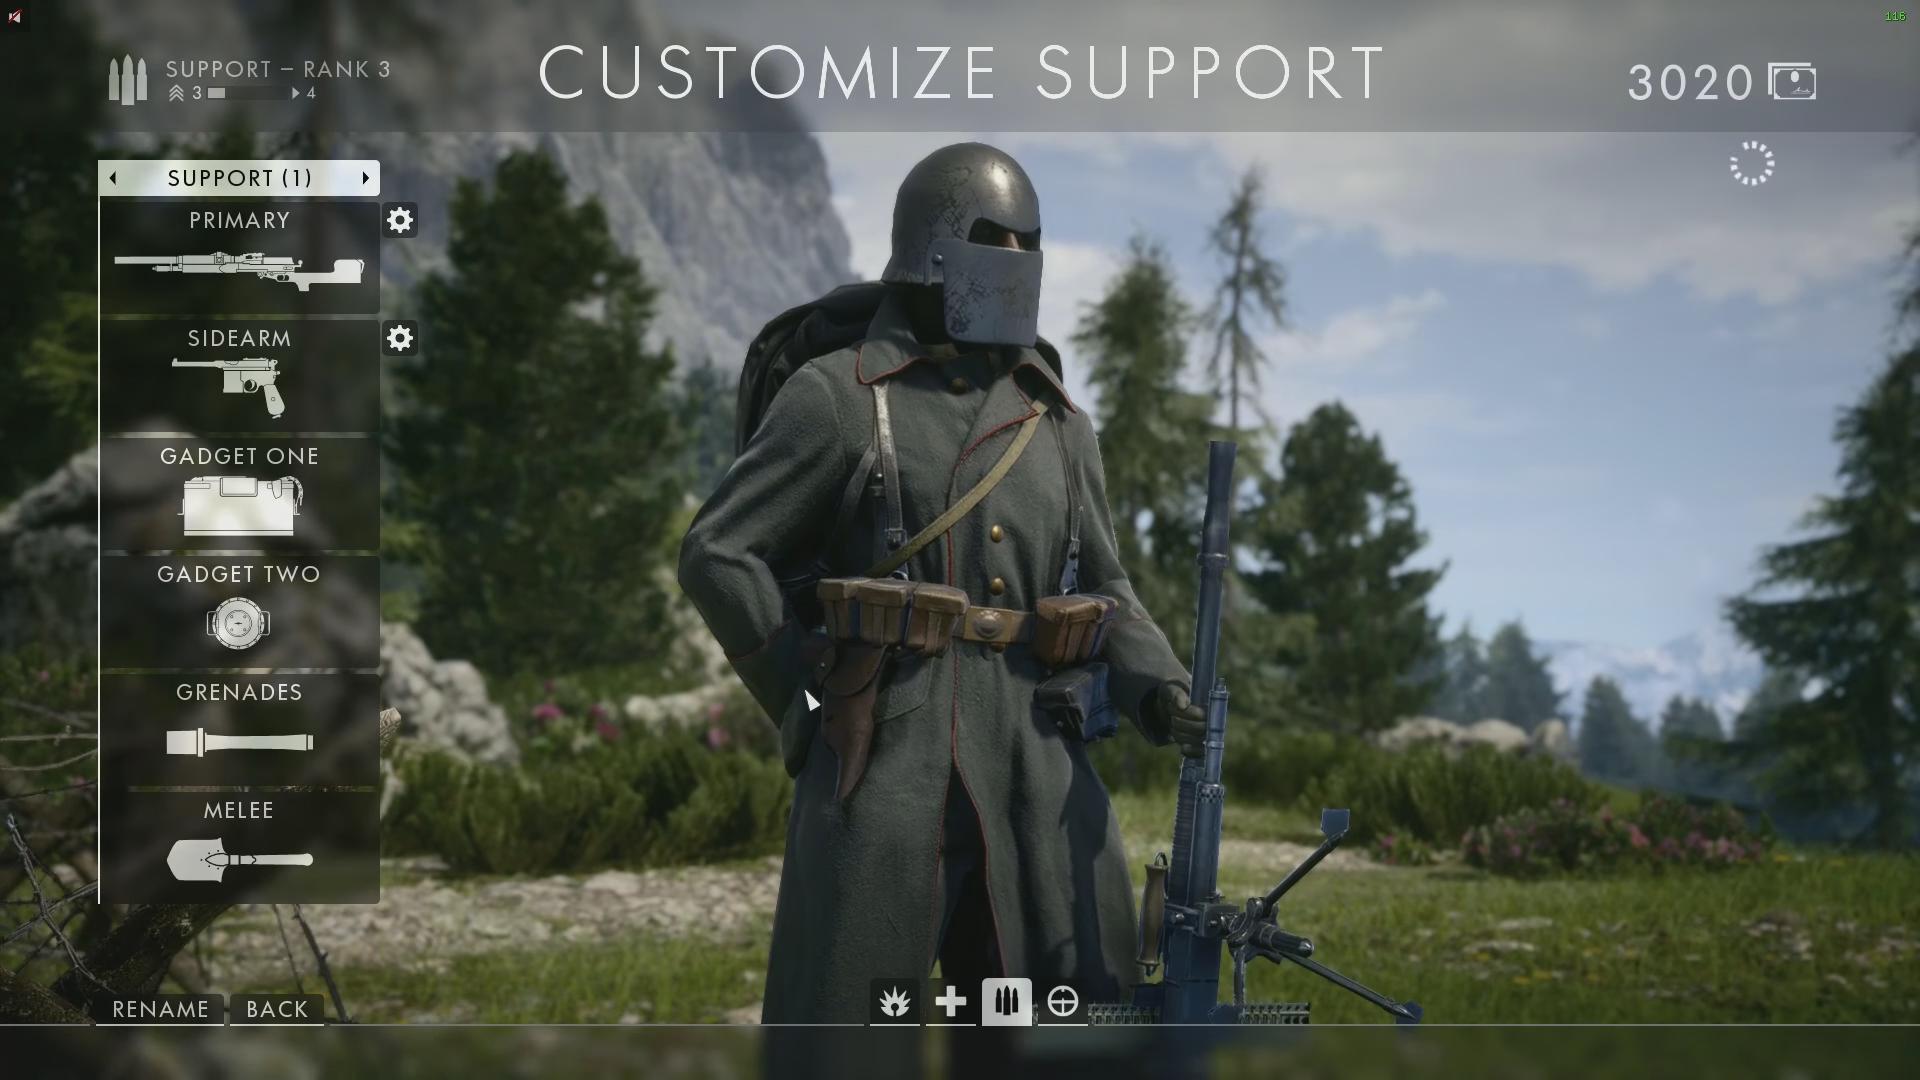 La customizzazione delle classi